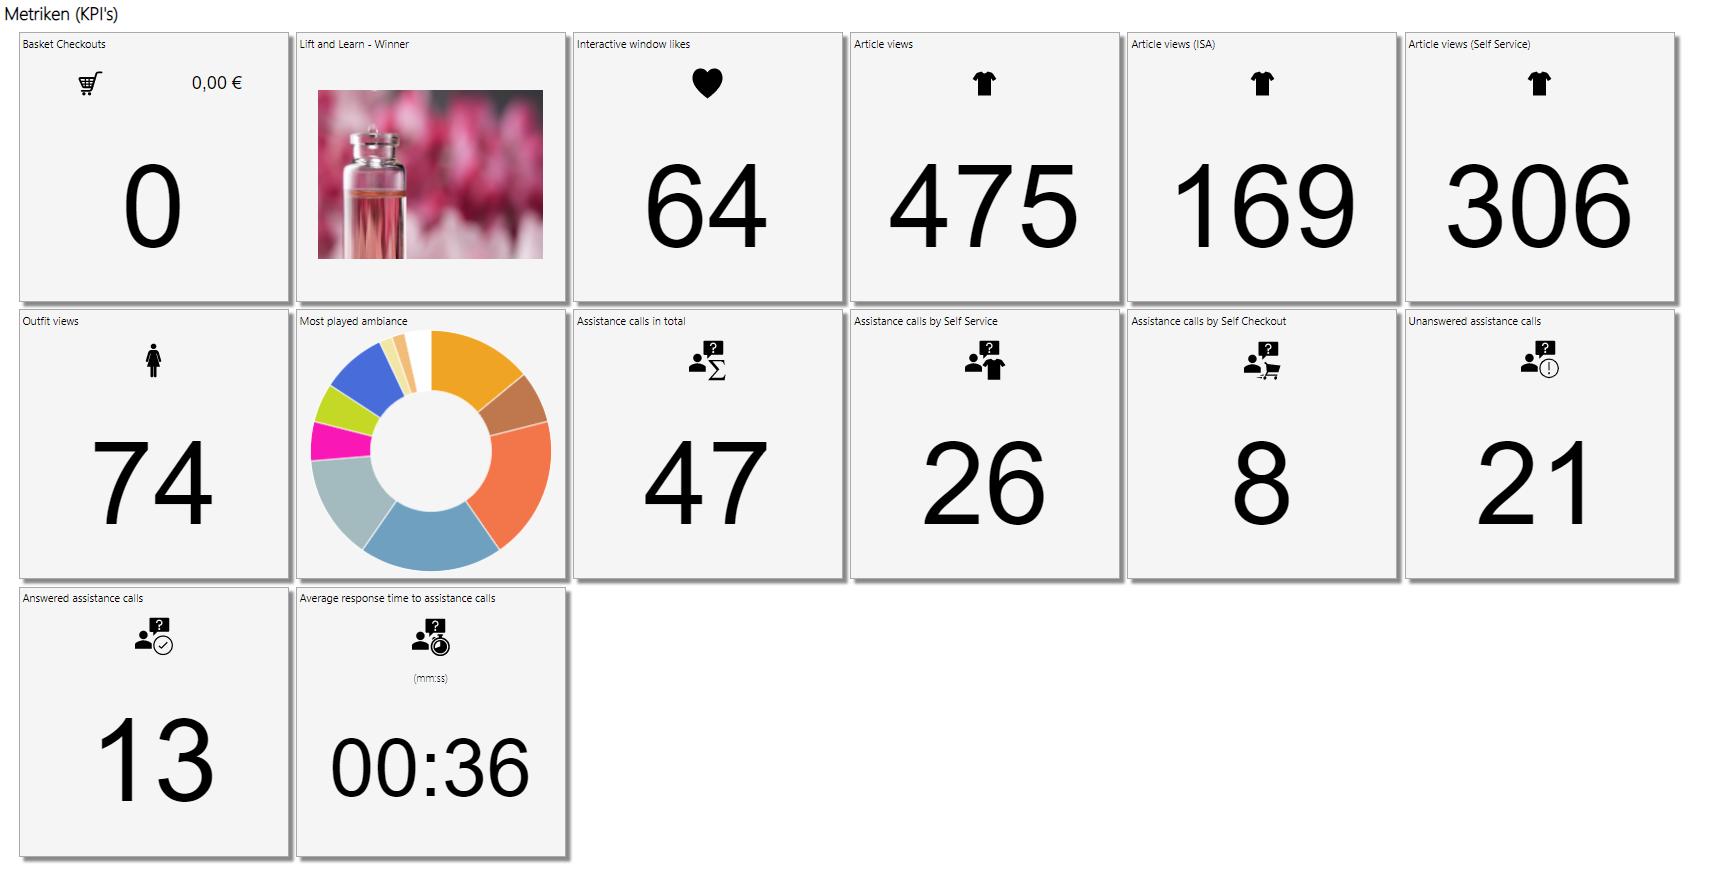 Screenshot des soviaRetail Backstores mit KPIs, Metriken und Statistiken